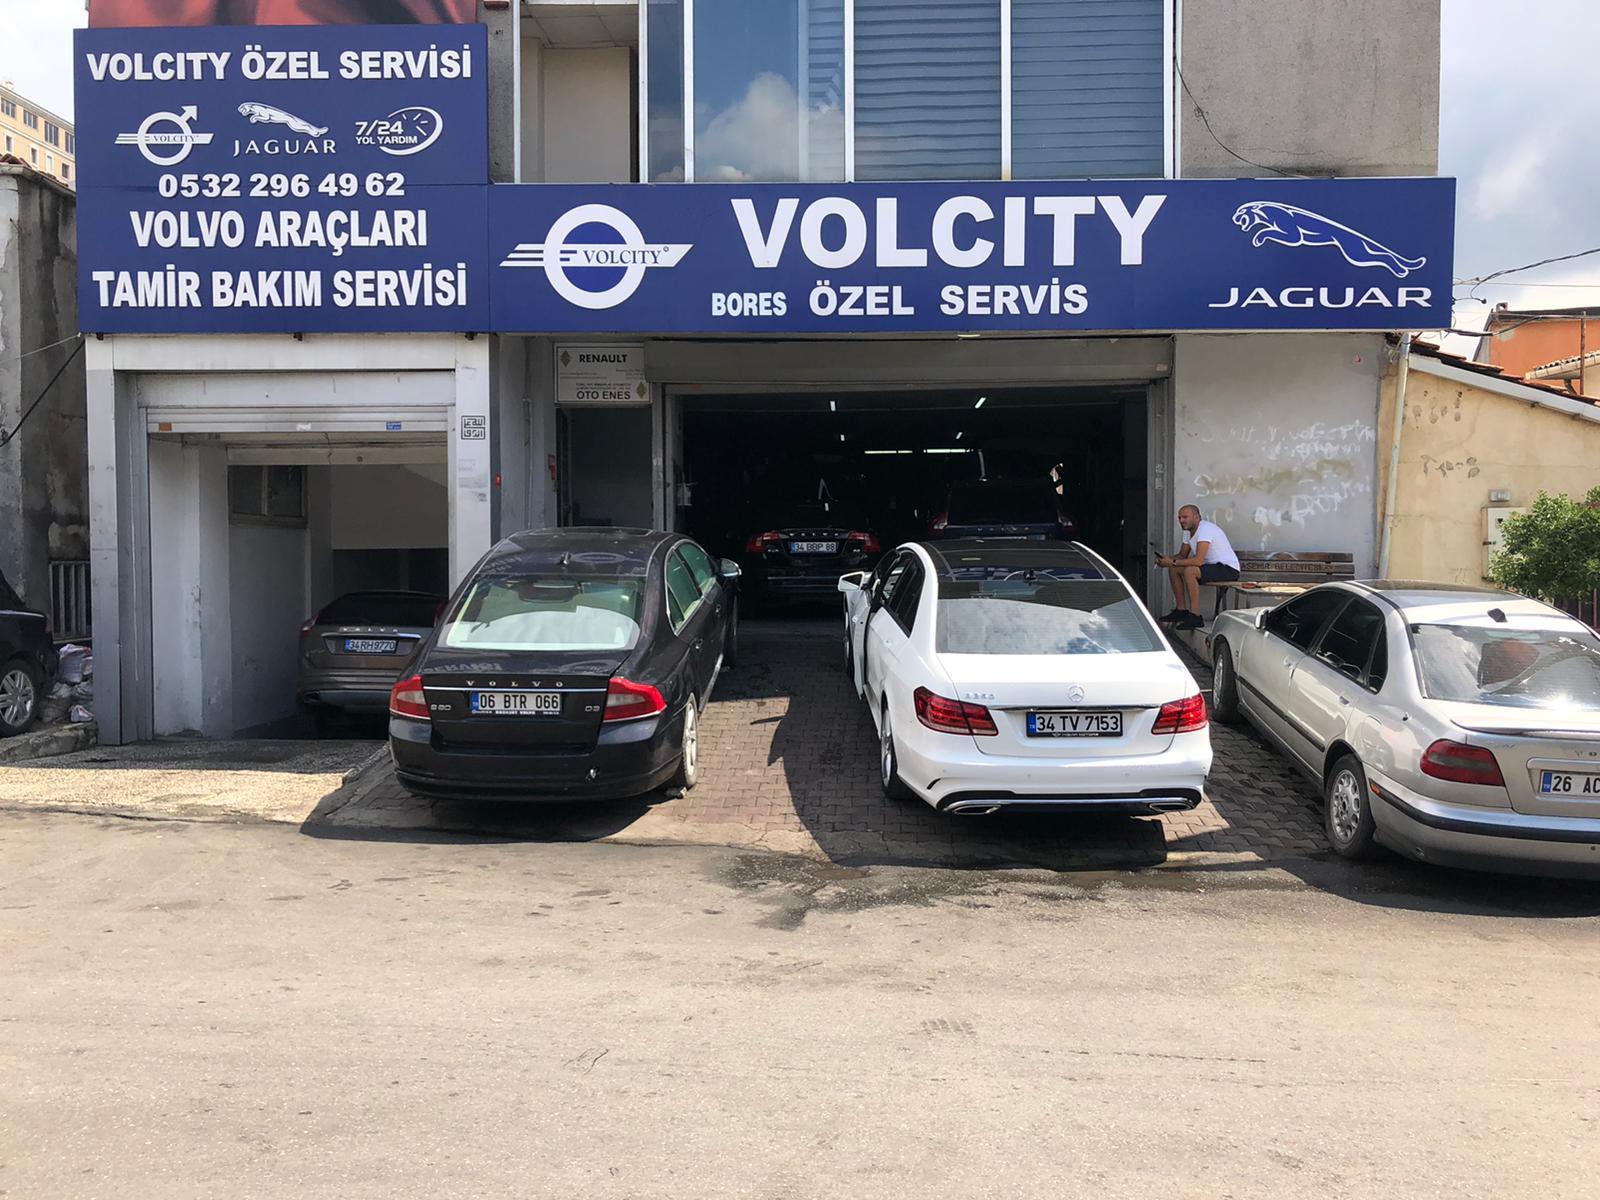 Volcity Bostancı Servis Girişi